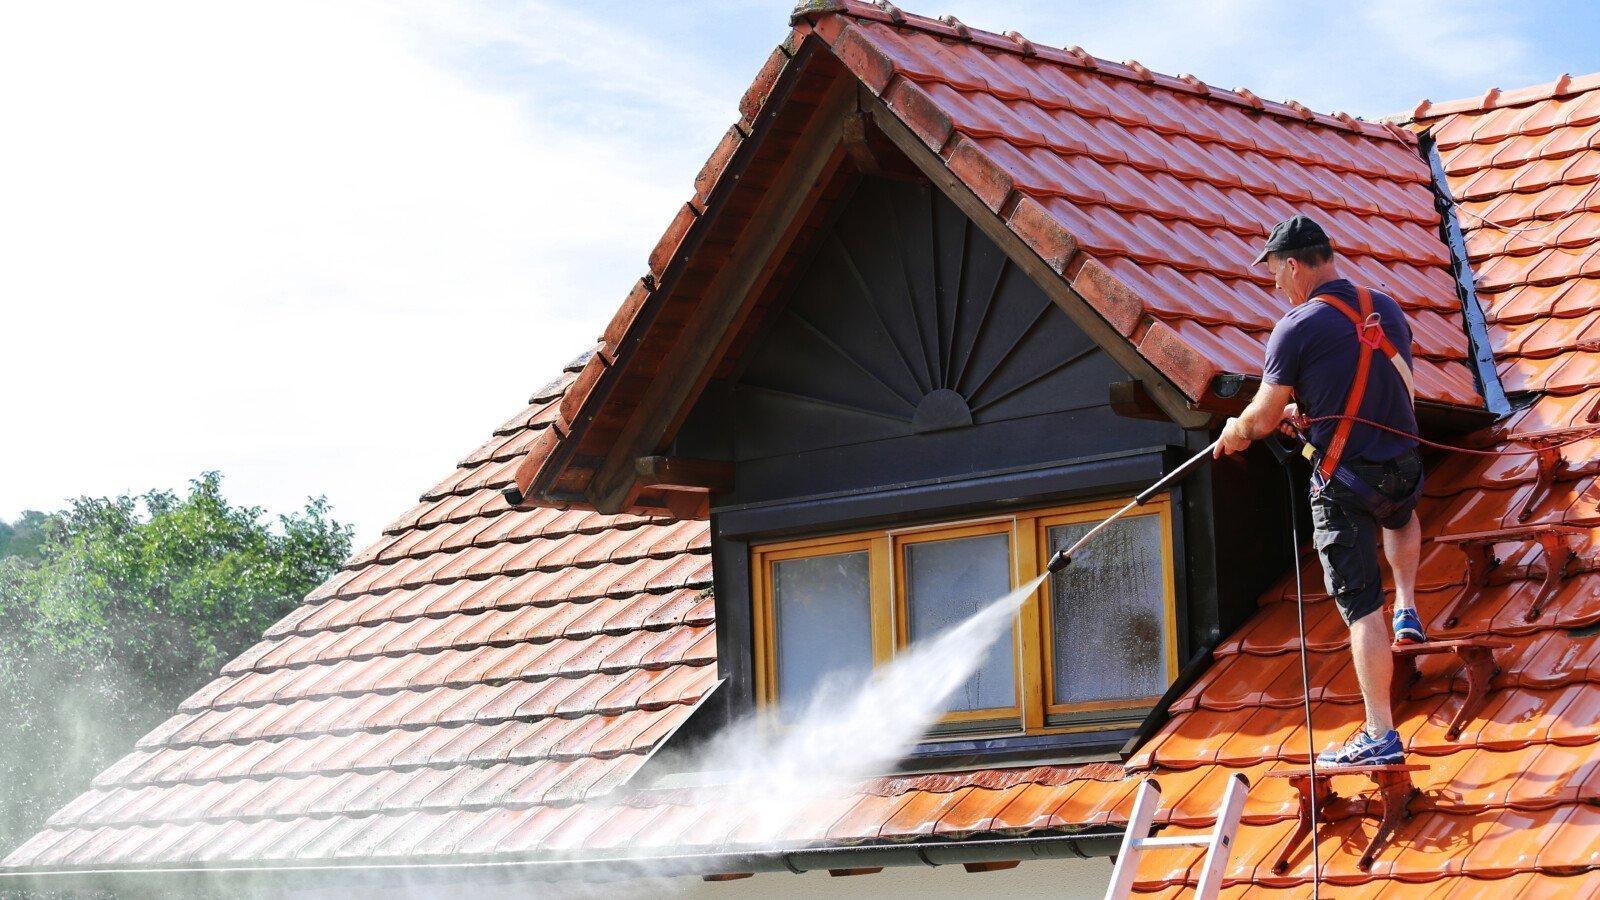 Dachreinigung mit einem Hochdruckreiniger